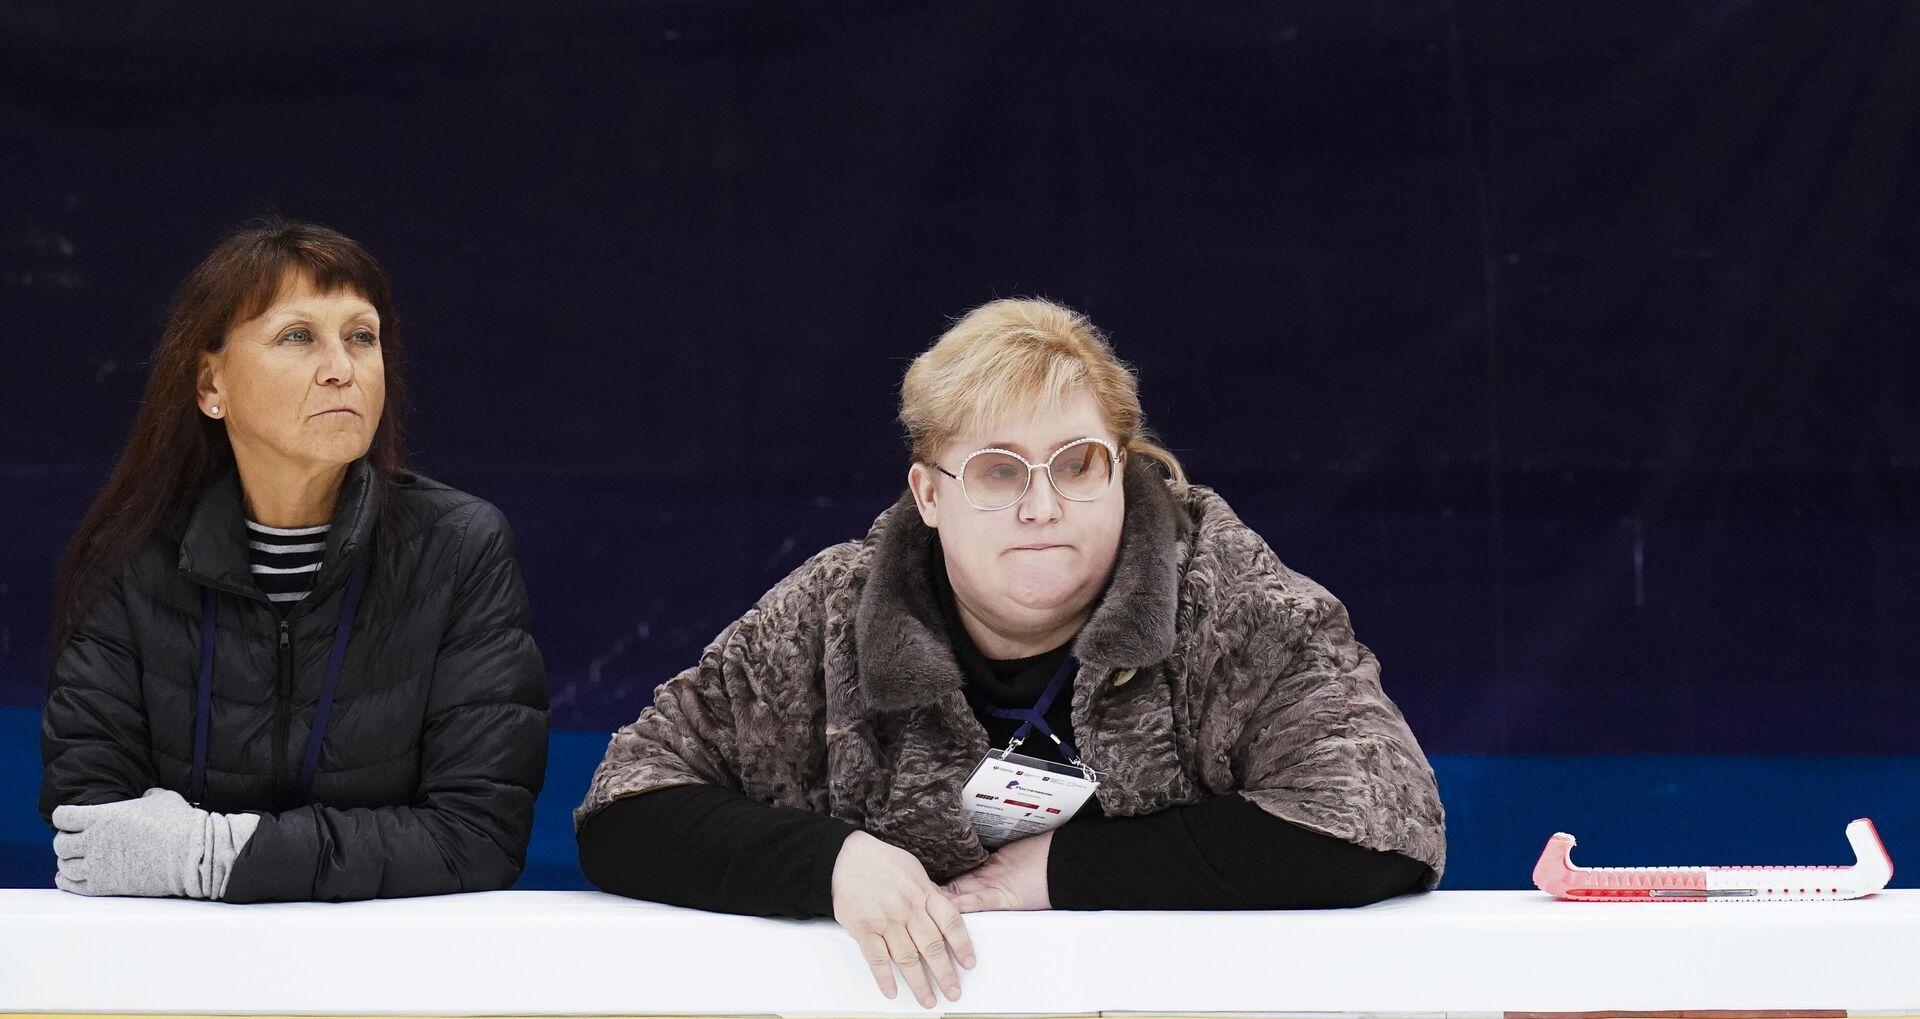 Тренер Нина Мозер - РИА Новости, 1920, 07.03.2021